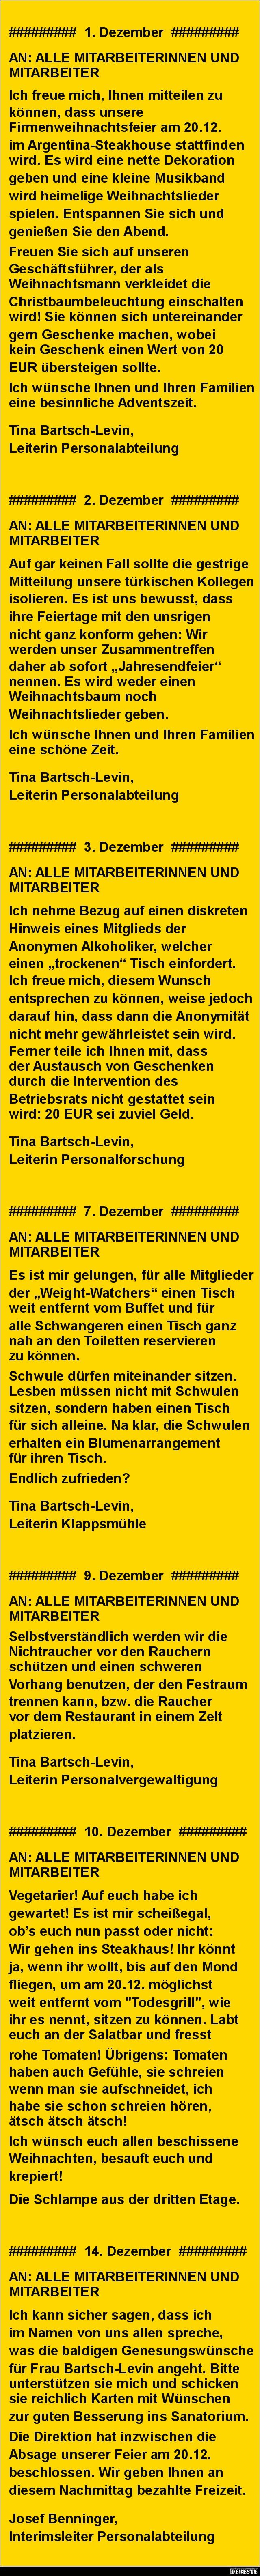 Weihnachtsfeier | DEBESTE.de, Lustige Bilder, Sprüche, Witze und Videos